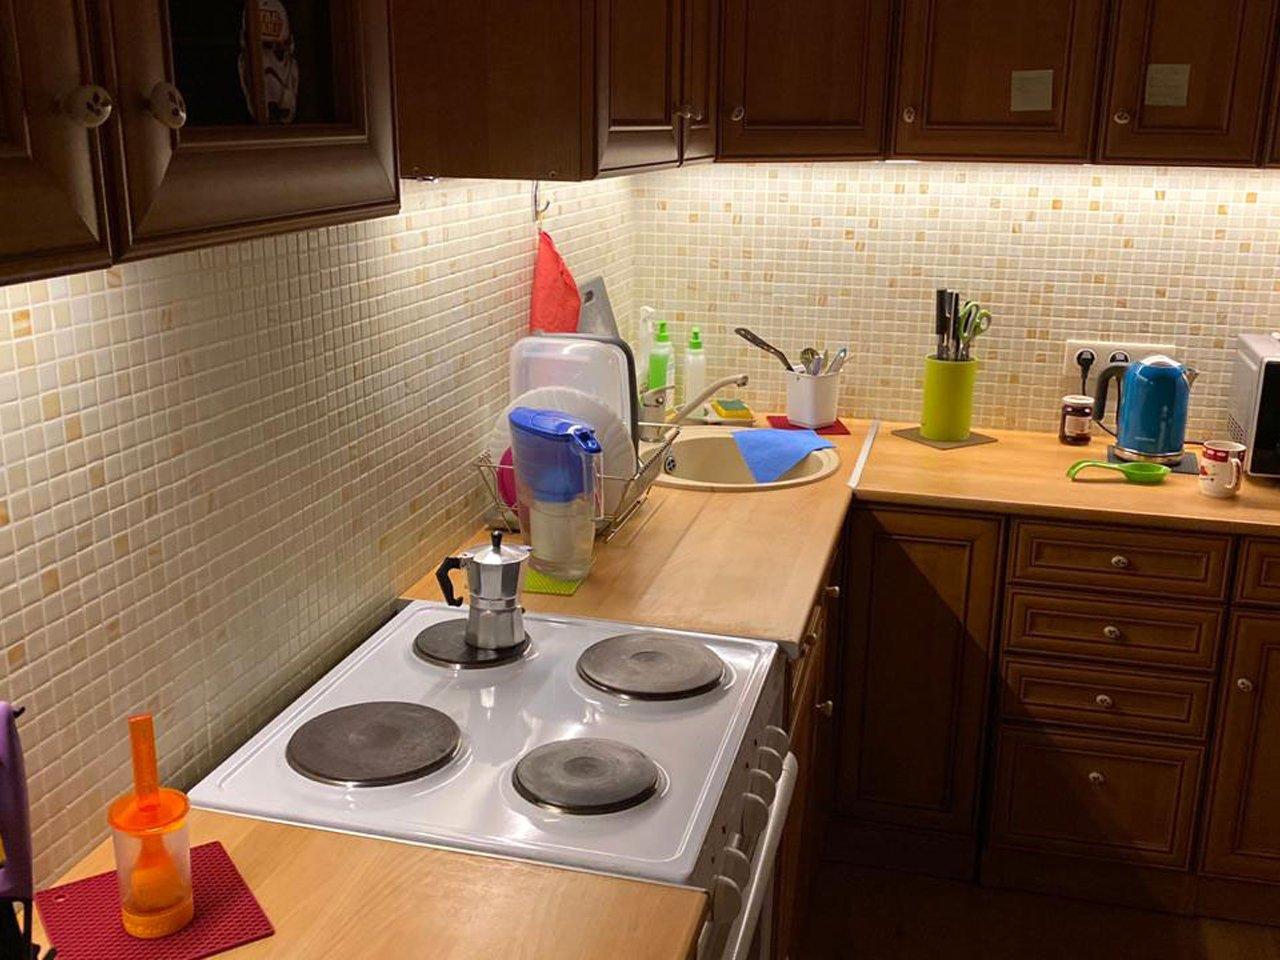 подсветка угловой кухни с разрывом с сенсорным выключателем отзыв iqlux александр 20_05_20 фото